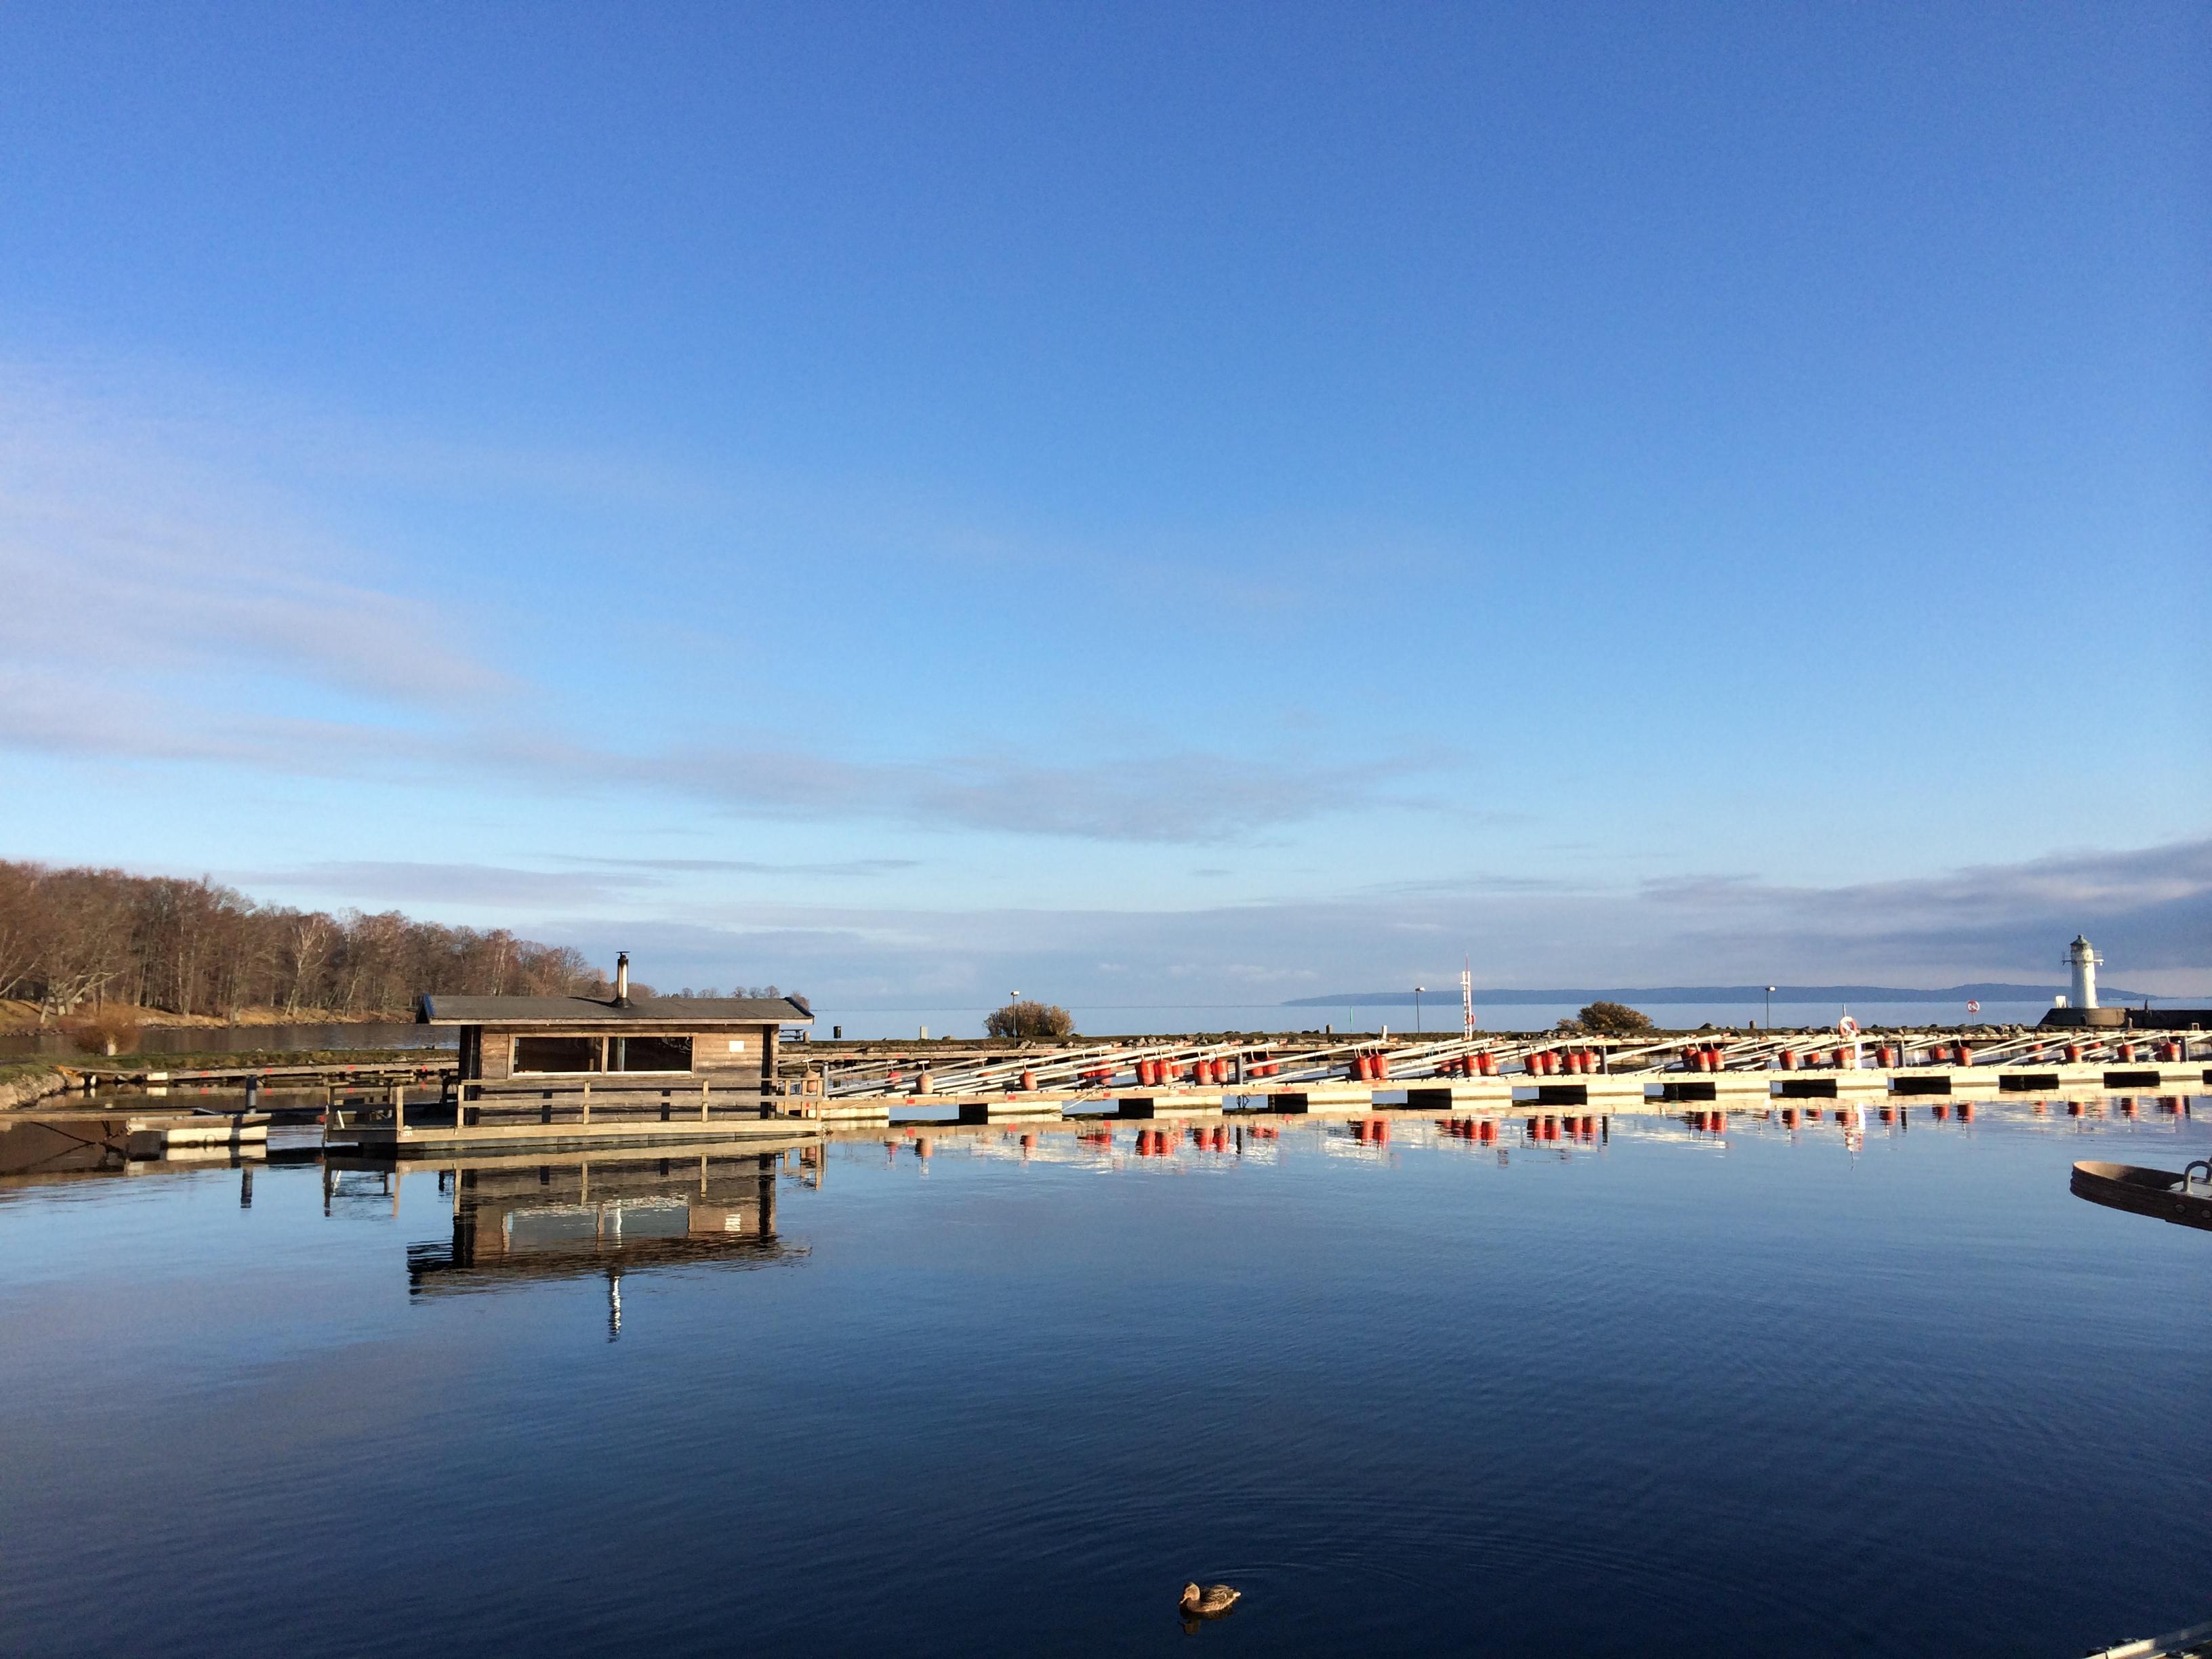 spegelblank i hamnen sjön vättern ligger spegelblank i hamnen vatten spegel hjo hamn